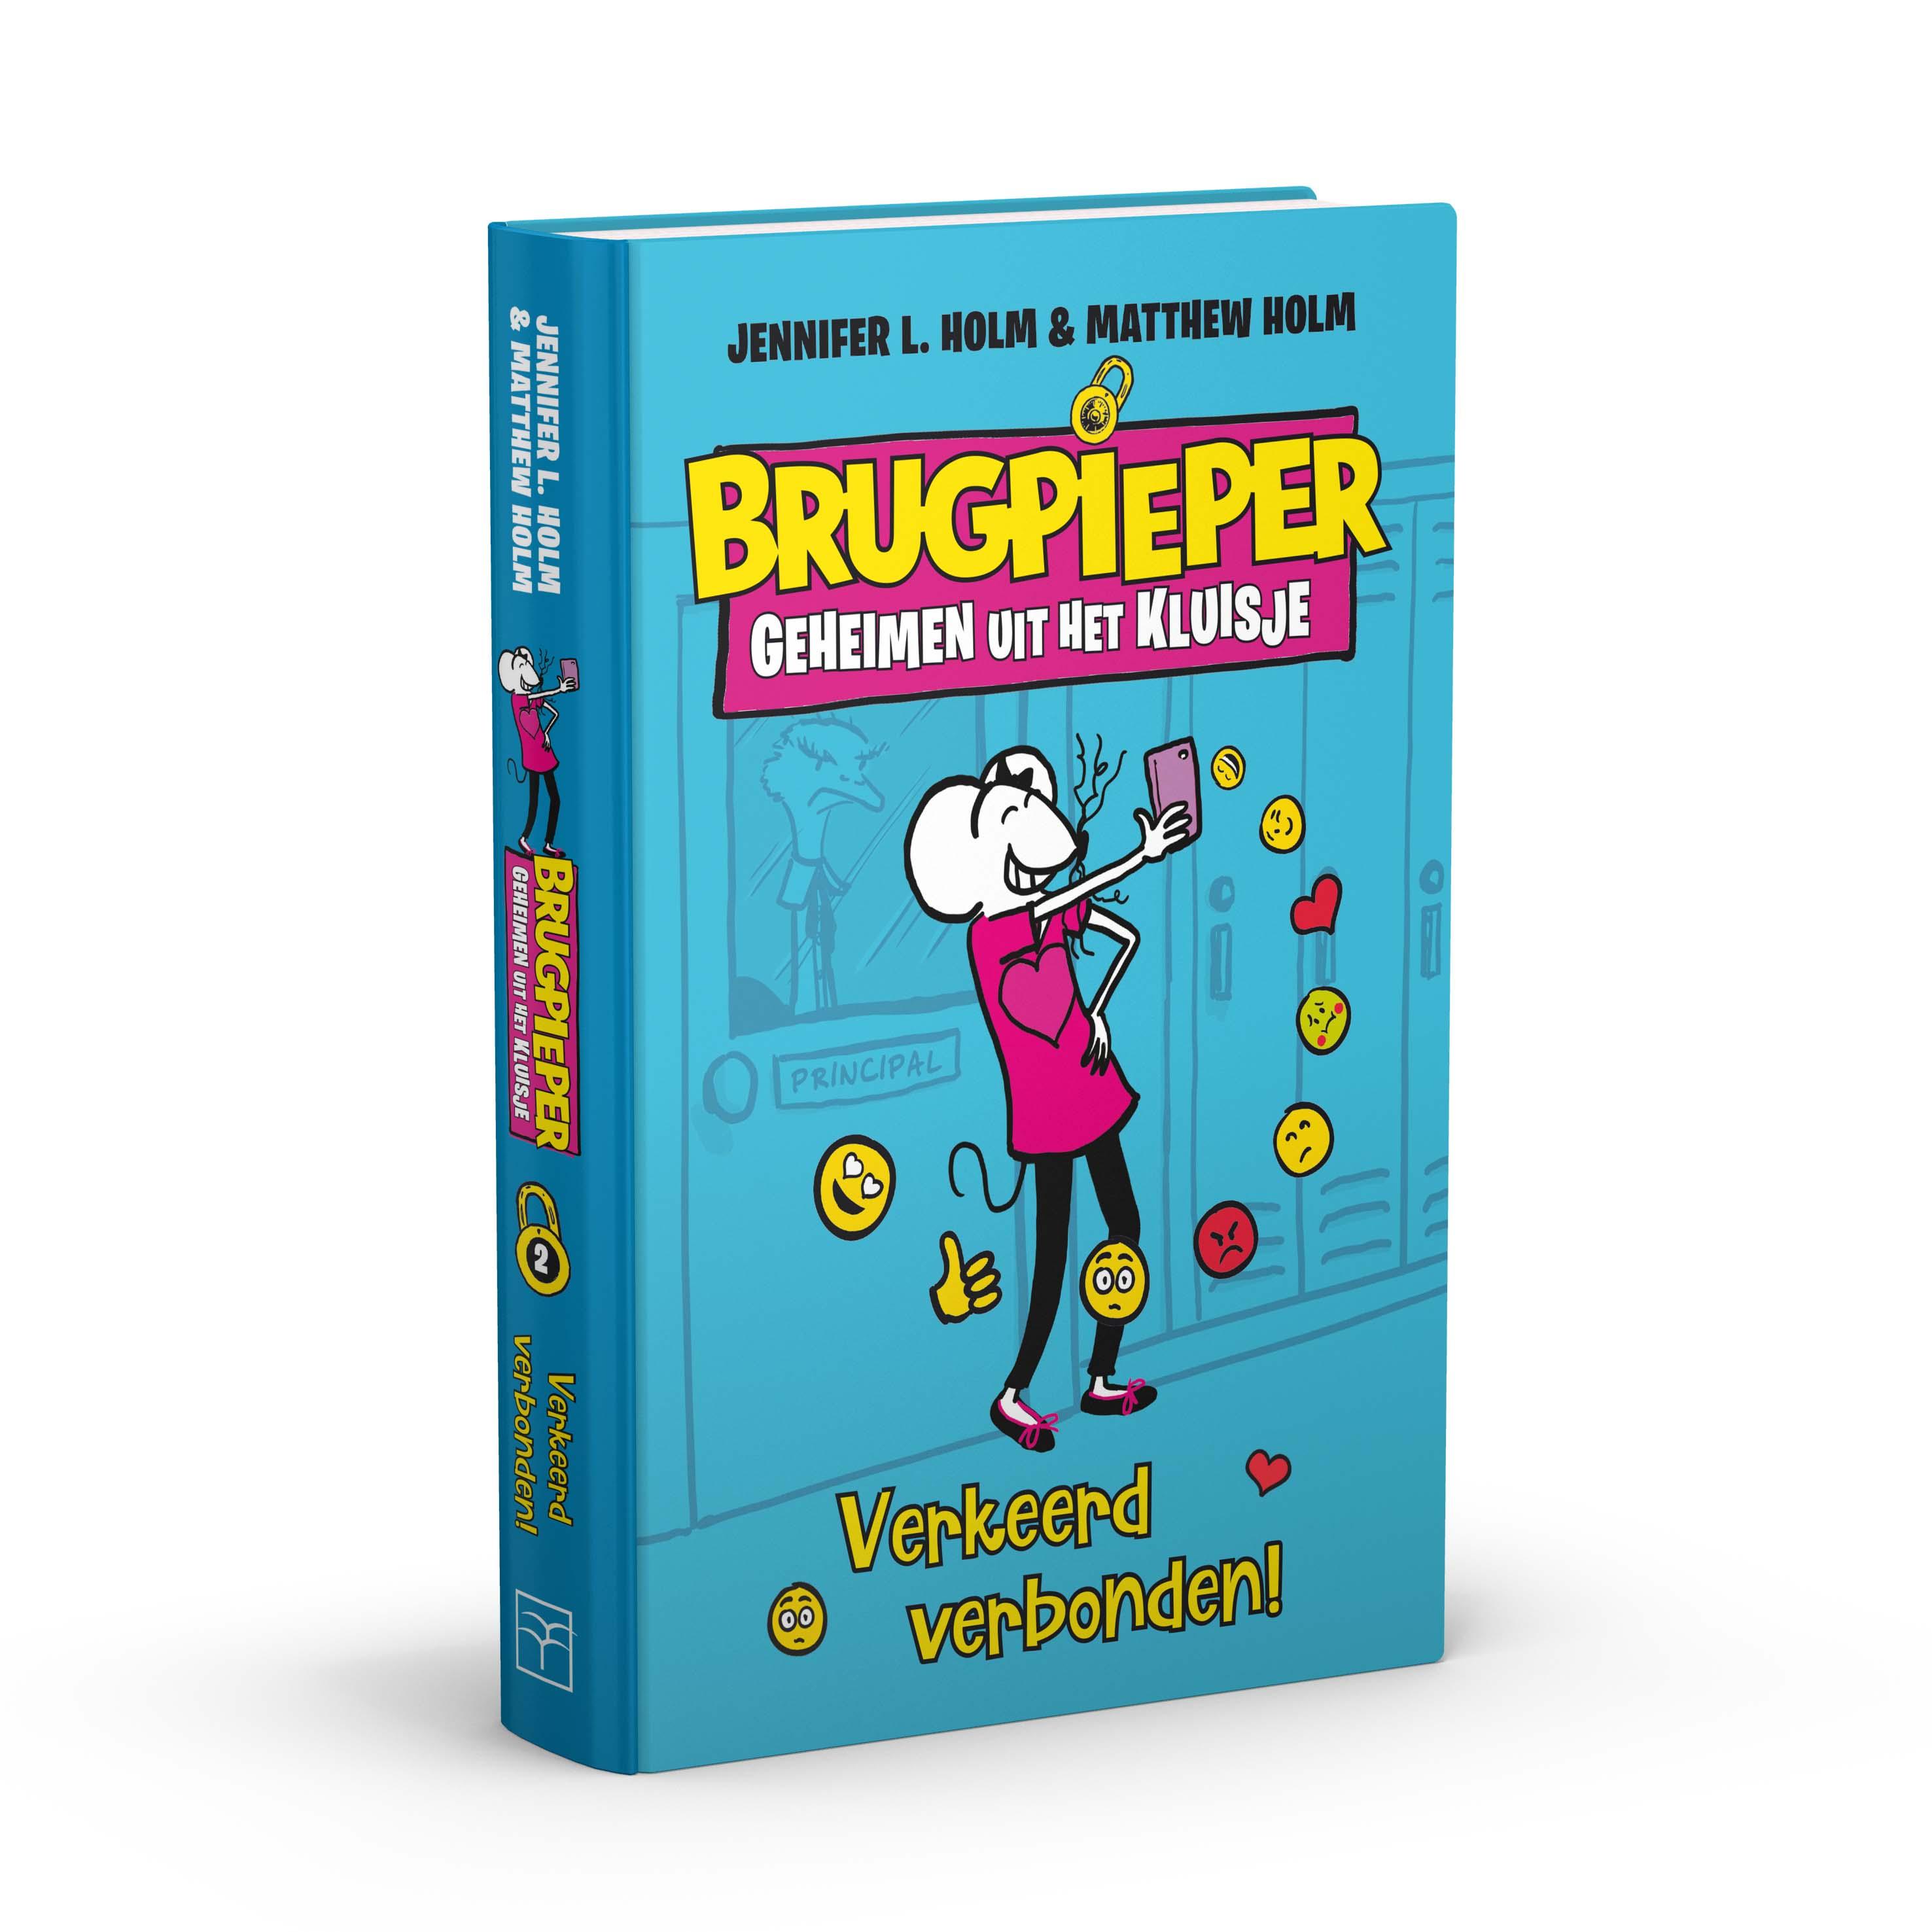 Afbeelding van Boek Brugpieper 2